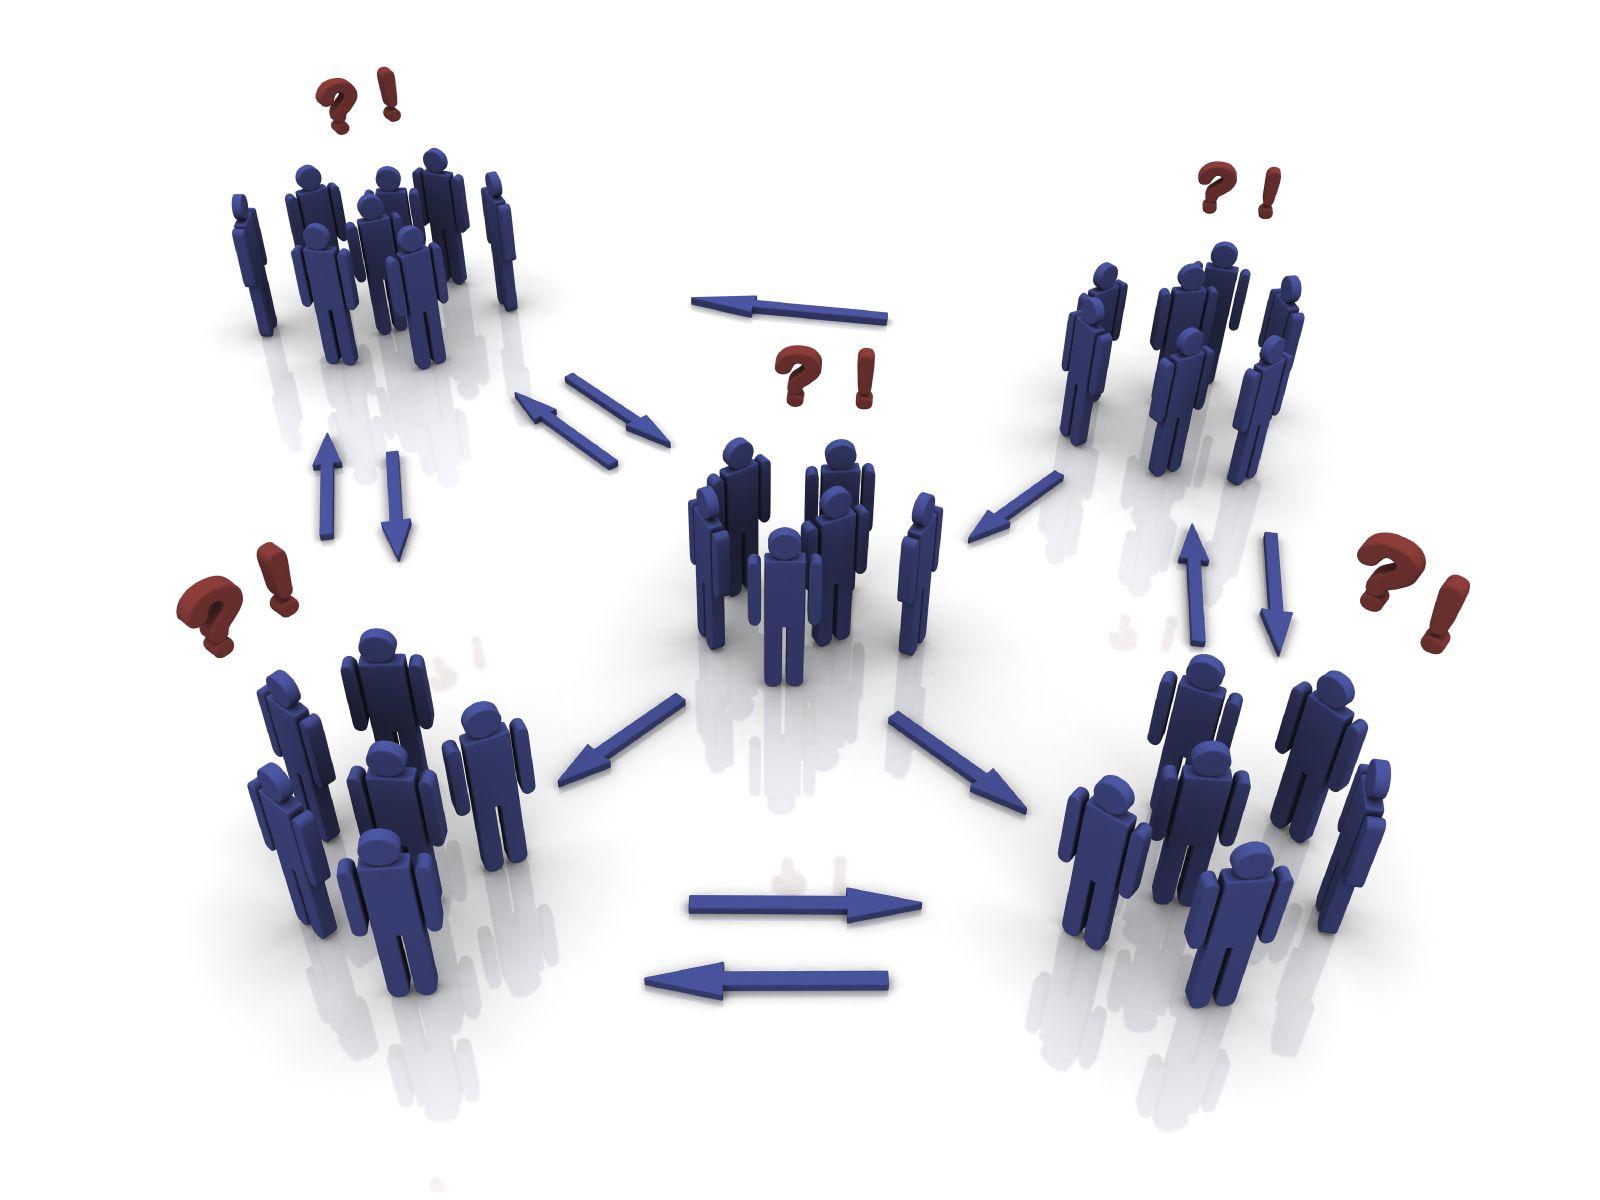 vzaimodeystvie-chlenov-sotsialnih-grupp-mezhdu-soboy